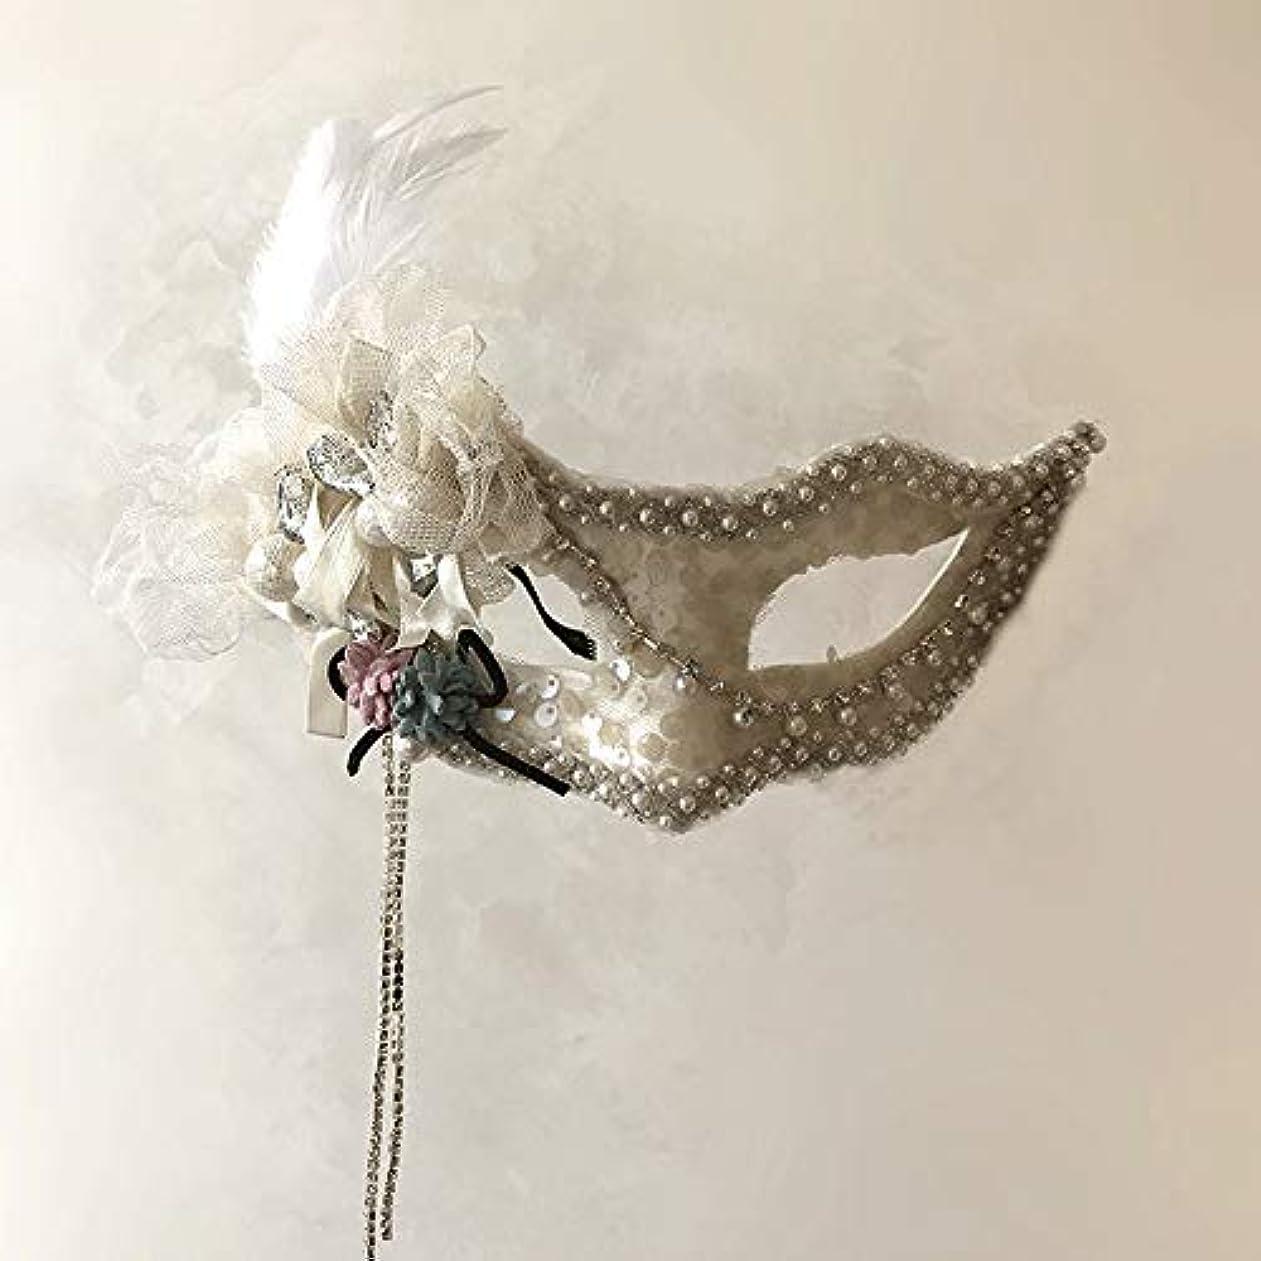 やるフクロウ私達Nanle ホワイトフェザーフラワーマスク仮装ボールアイマスクハロウィーンボールフリンジフェザーマスクパーティマスク女性レディセクシーマスク (色 : Style D)